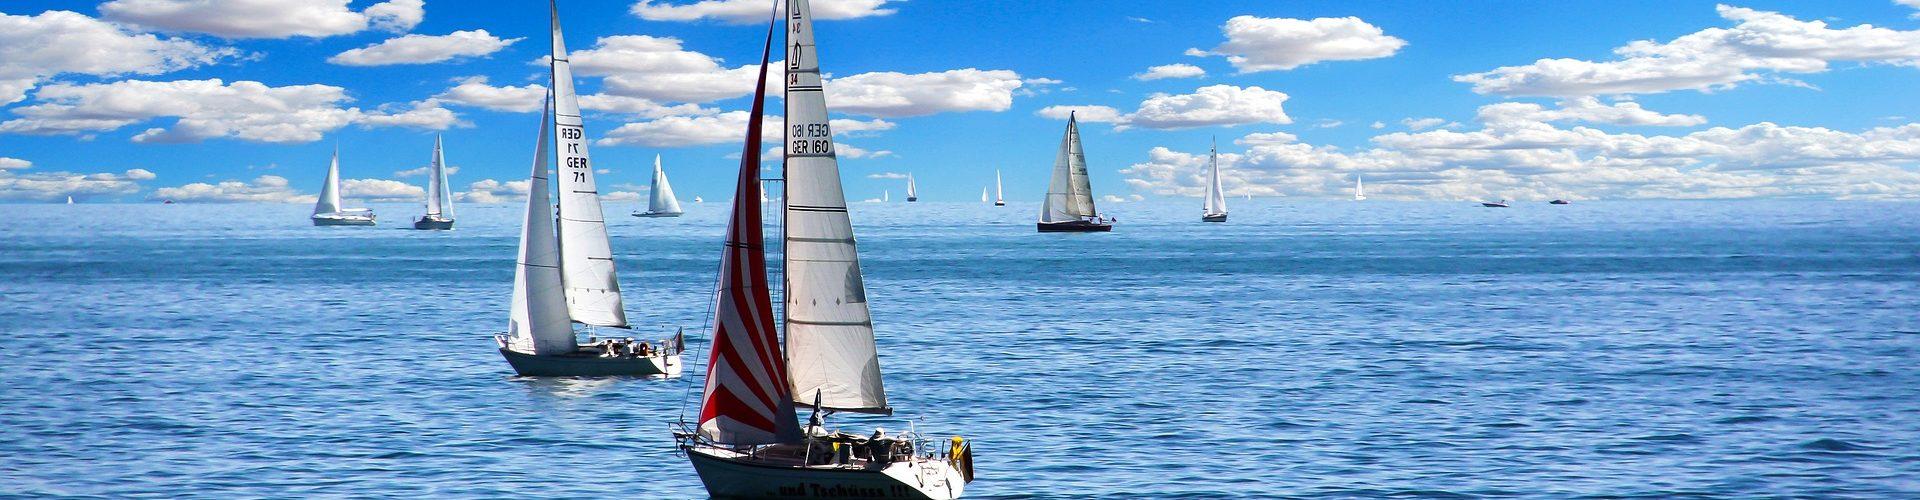 segeln lernen in Windorf segelschein machen in Windorf 1920x500 - Segeln lernen in Windorf